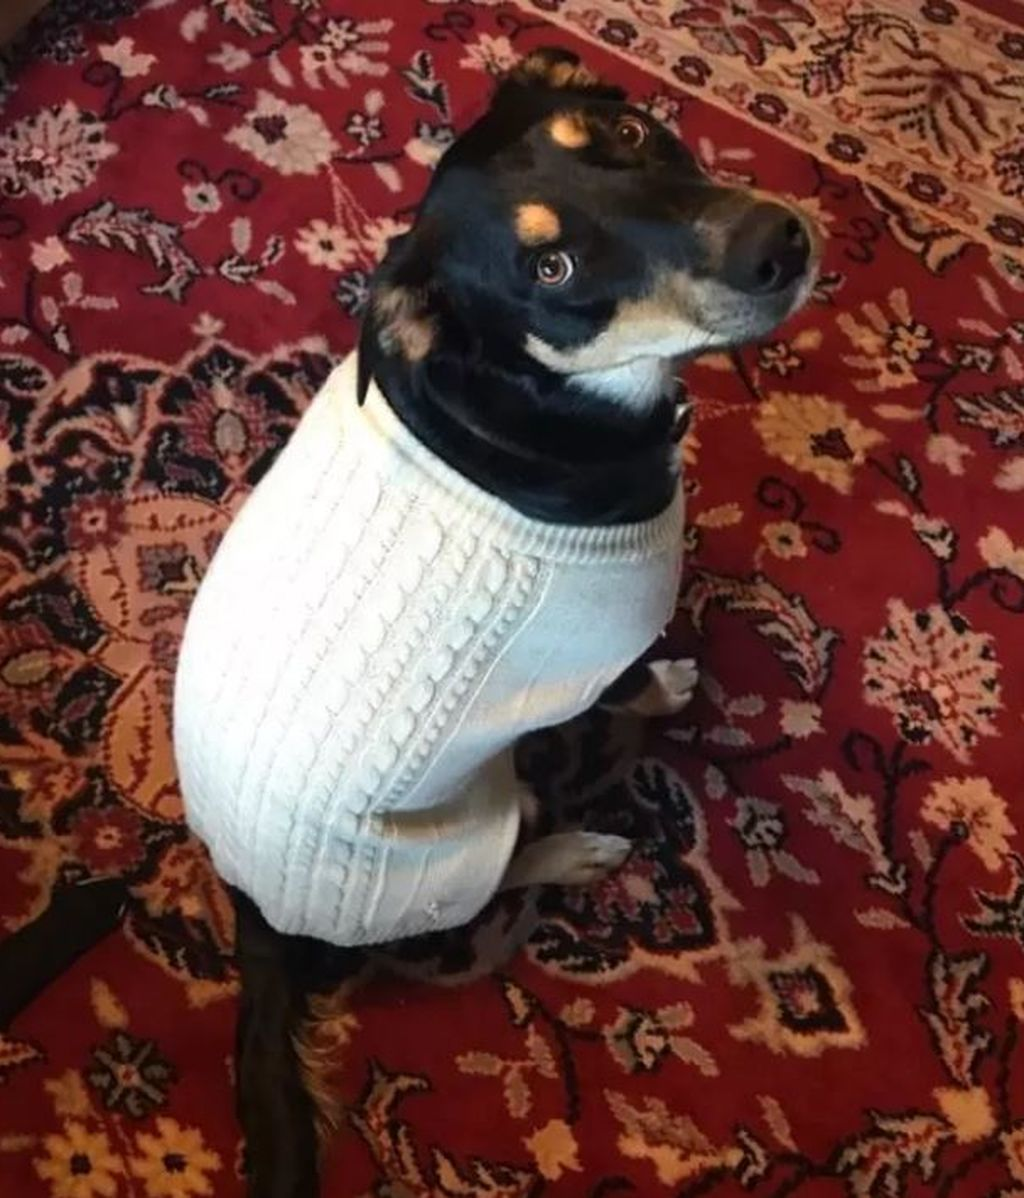 Este perro fingió estar enfermo para que sus dueños no fuesen a trabajar y se quedasen con él